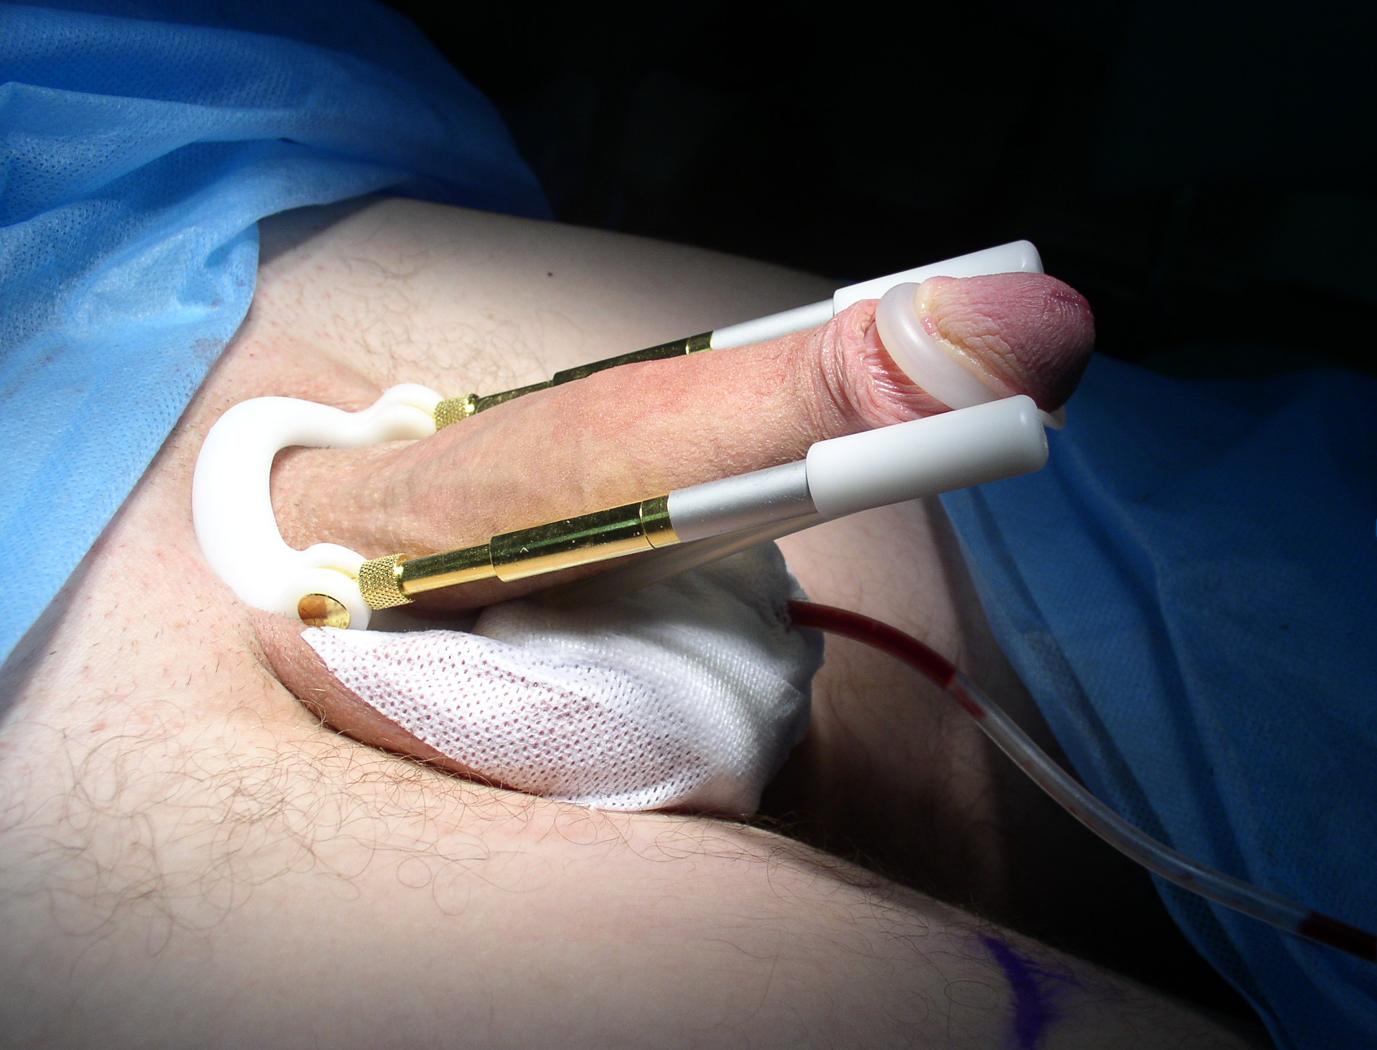 Как можно увеличить половой член без операции